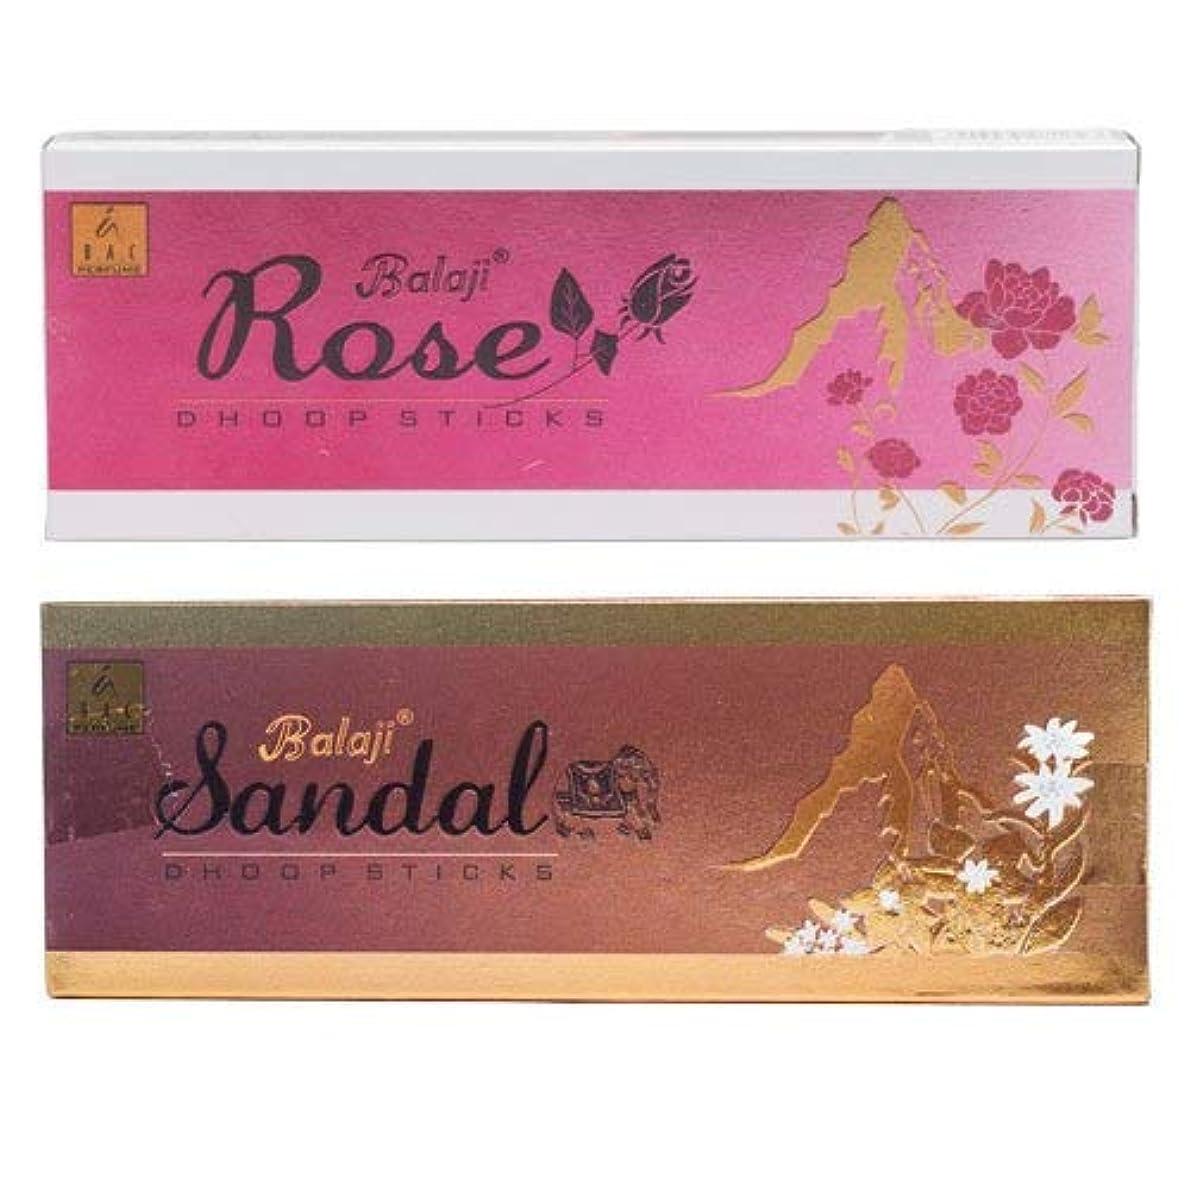 パステル炭素タンザニアBAC Perfume Balaji Dhoop - Rose and Sandal